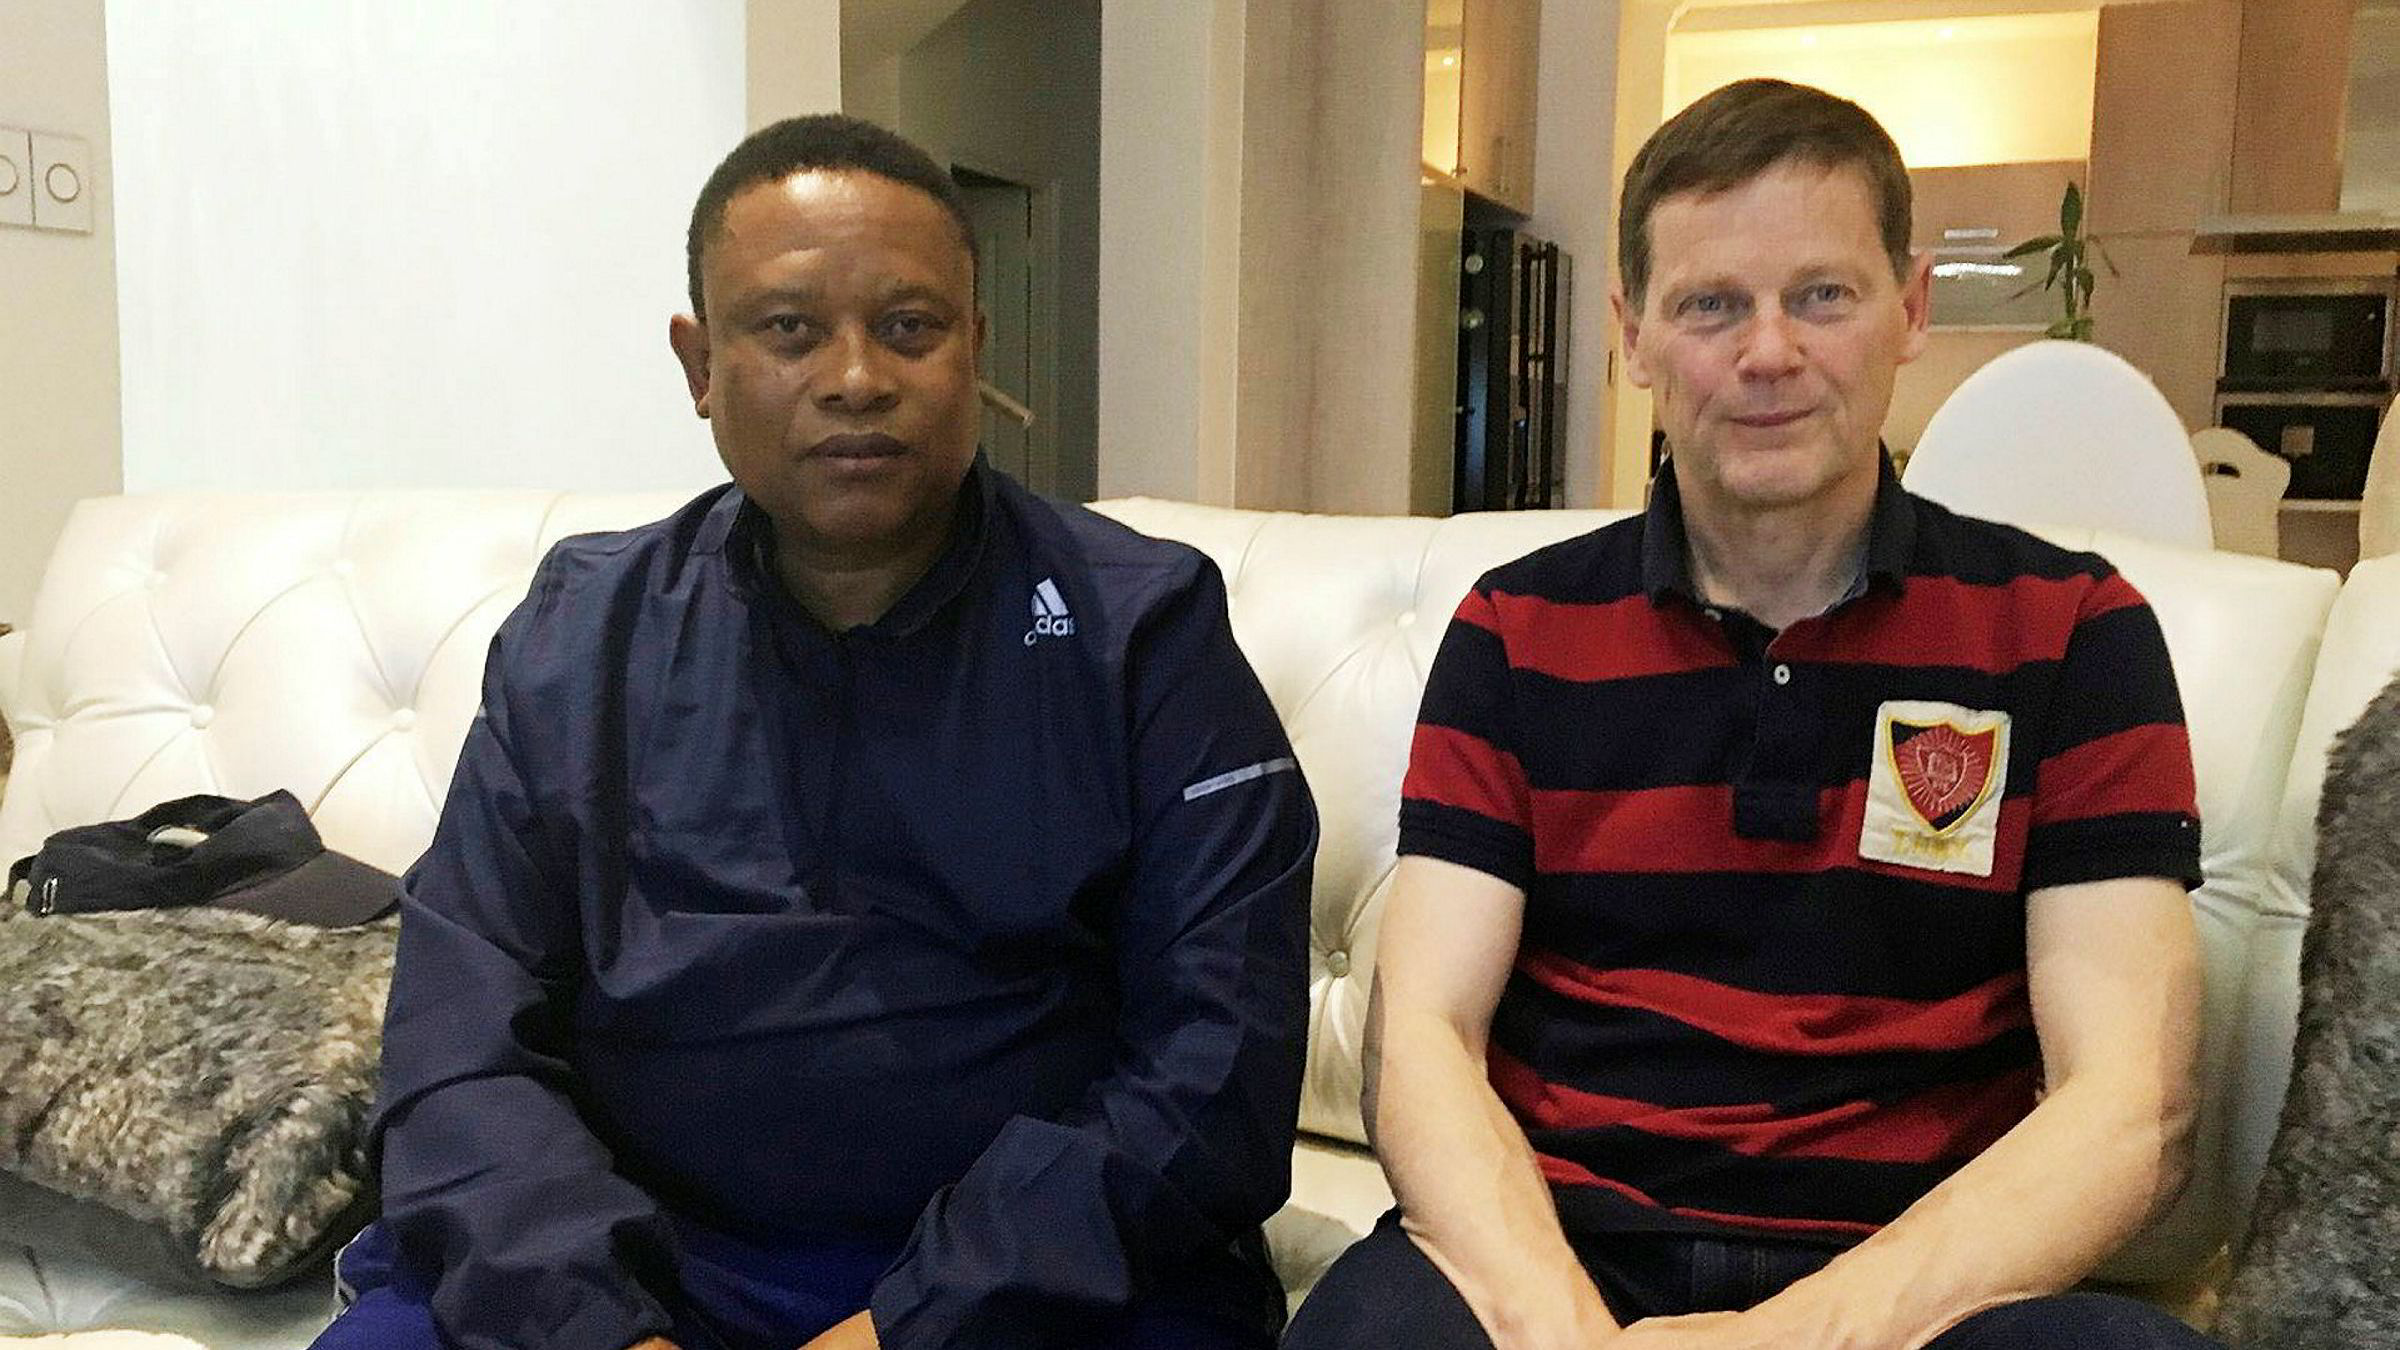 Tidligere fiskeriminister i Namibia Bernhard Esau (til venstre) sammen med Samherji-eier Þorsteinn Már Baldvinsson. Baldvinsson er nå tilbake som konsernsjef i Samherji for å styre selskapet gjennom koronakrisen.